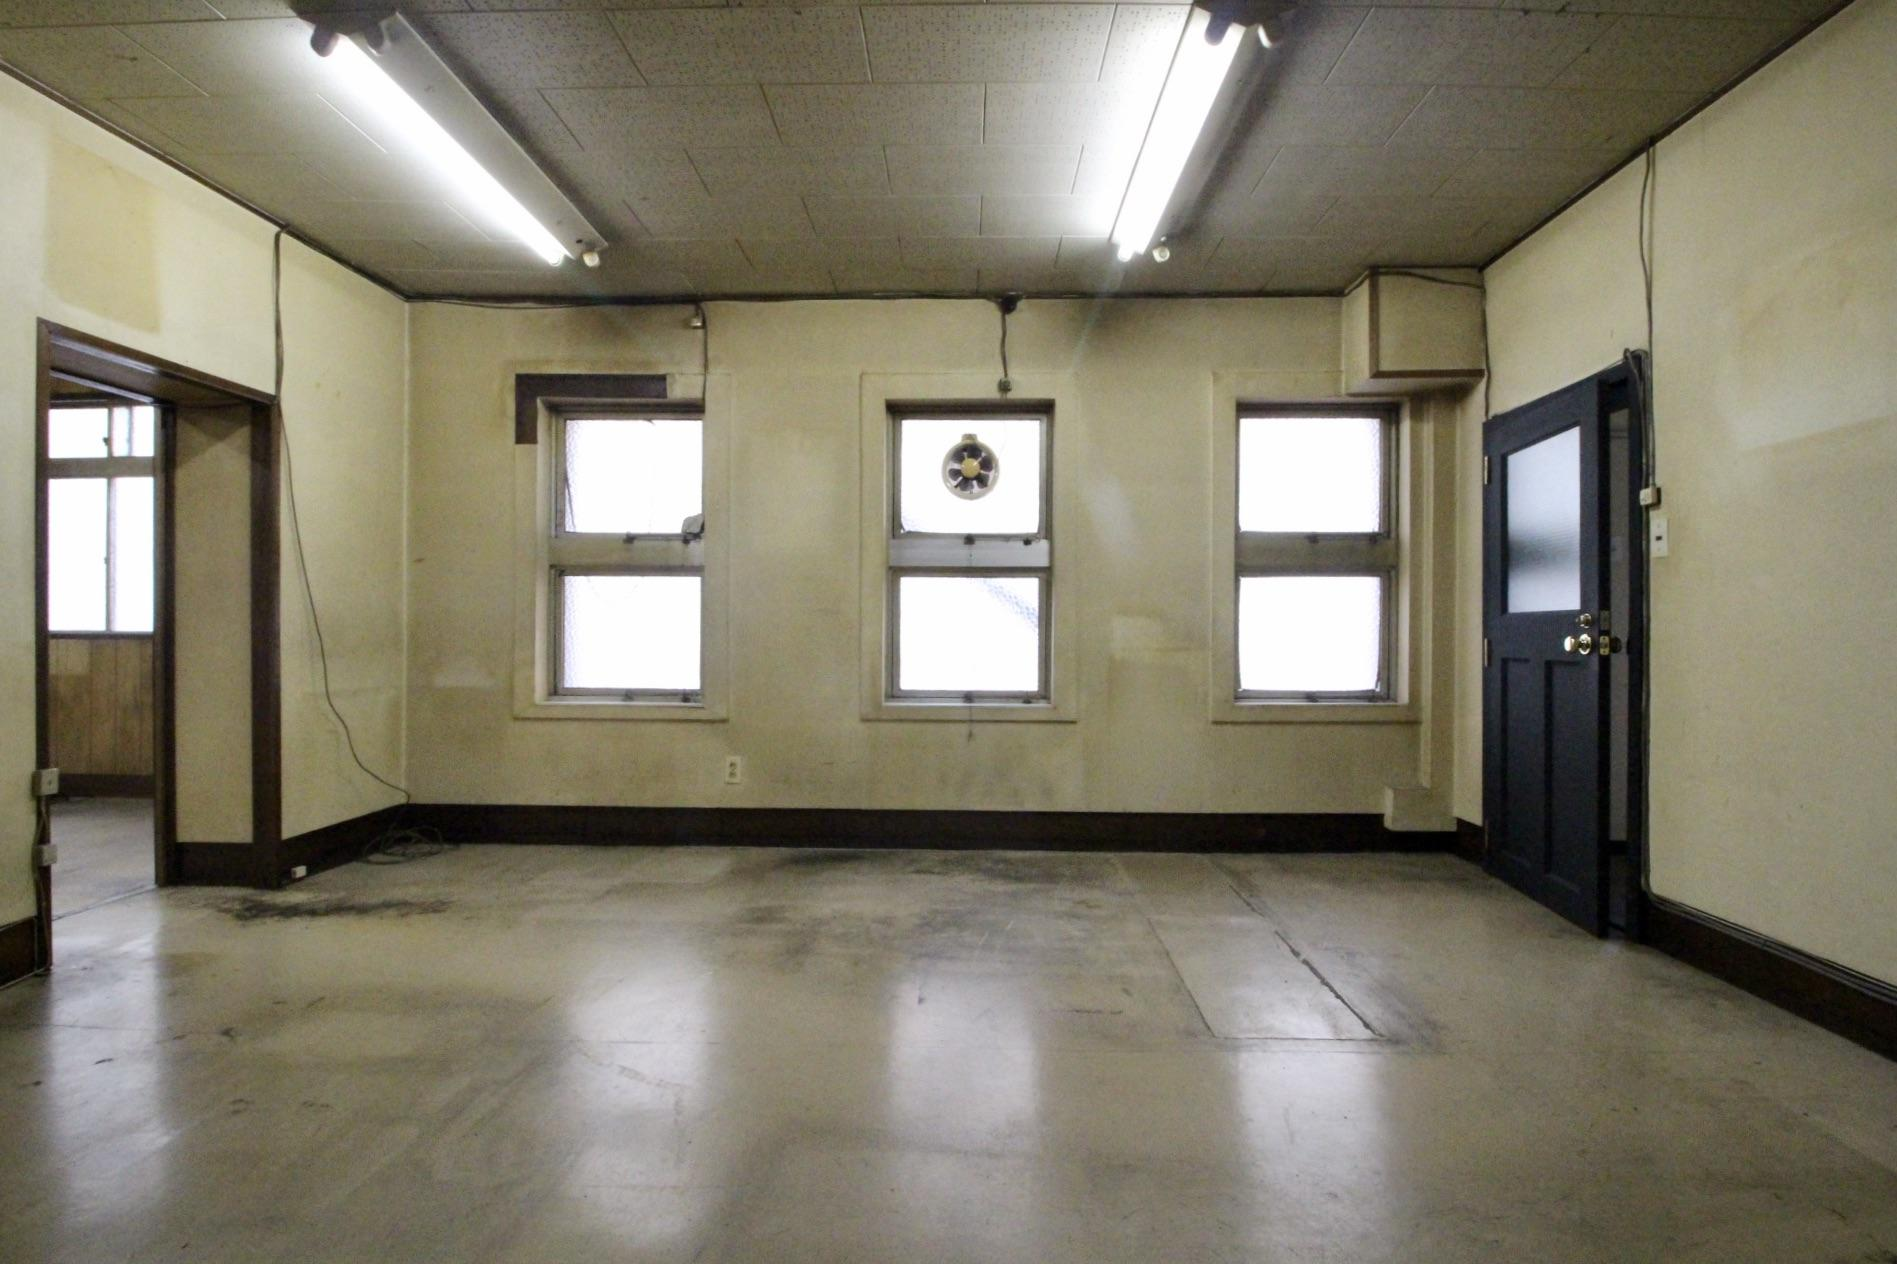 使用感や汚れもある古い事務所のような2階